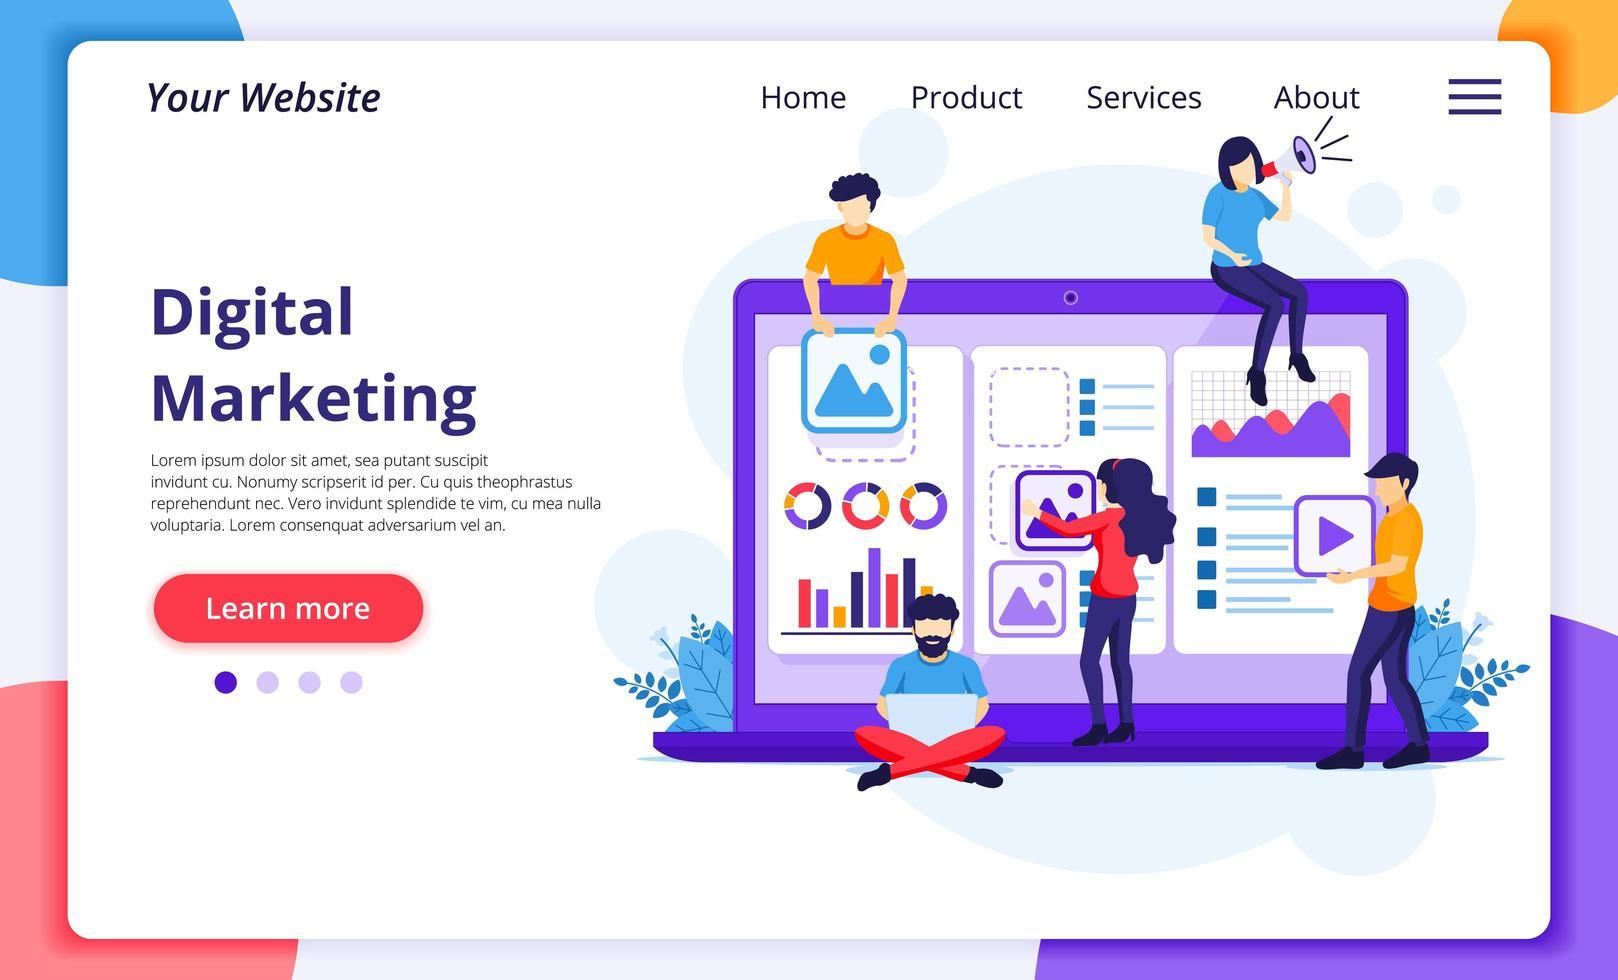 digitalt marknadsföringskoncept, arbetare som marknadsför produkter online vektor